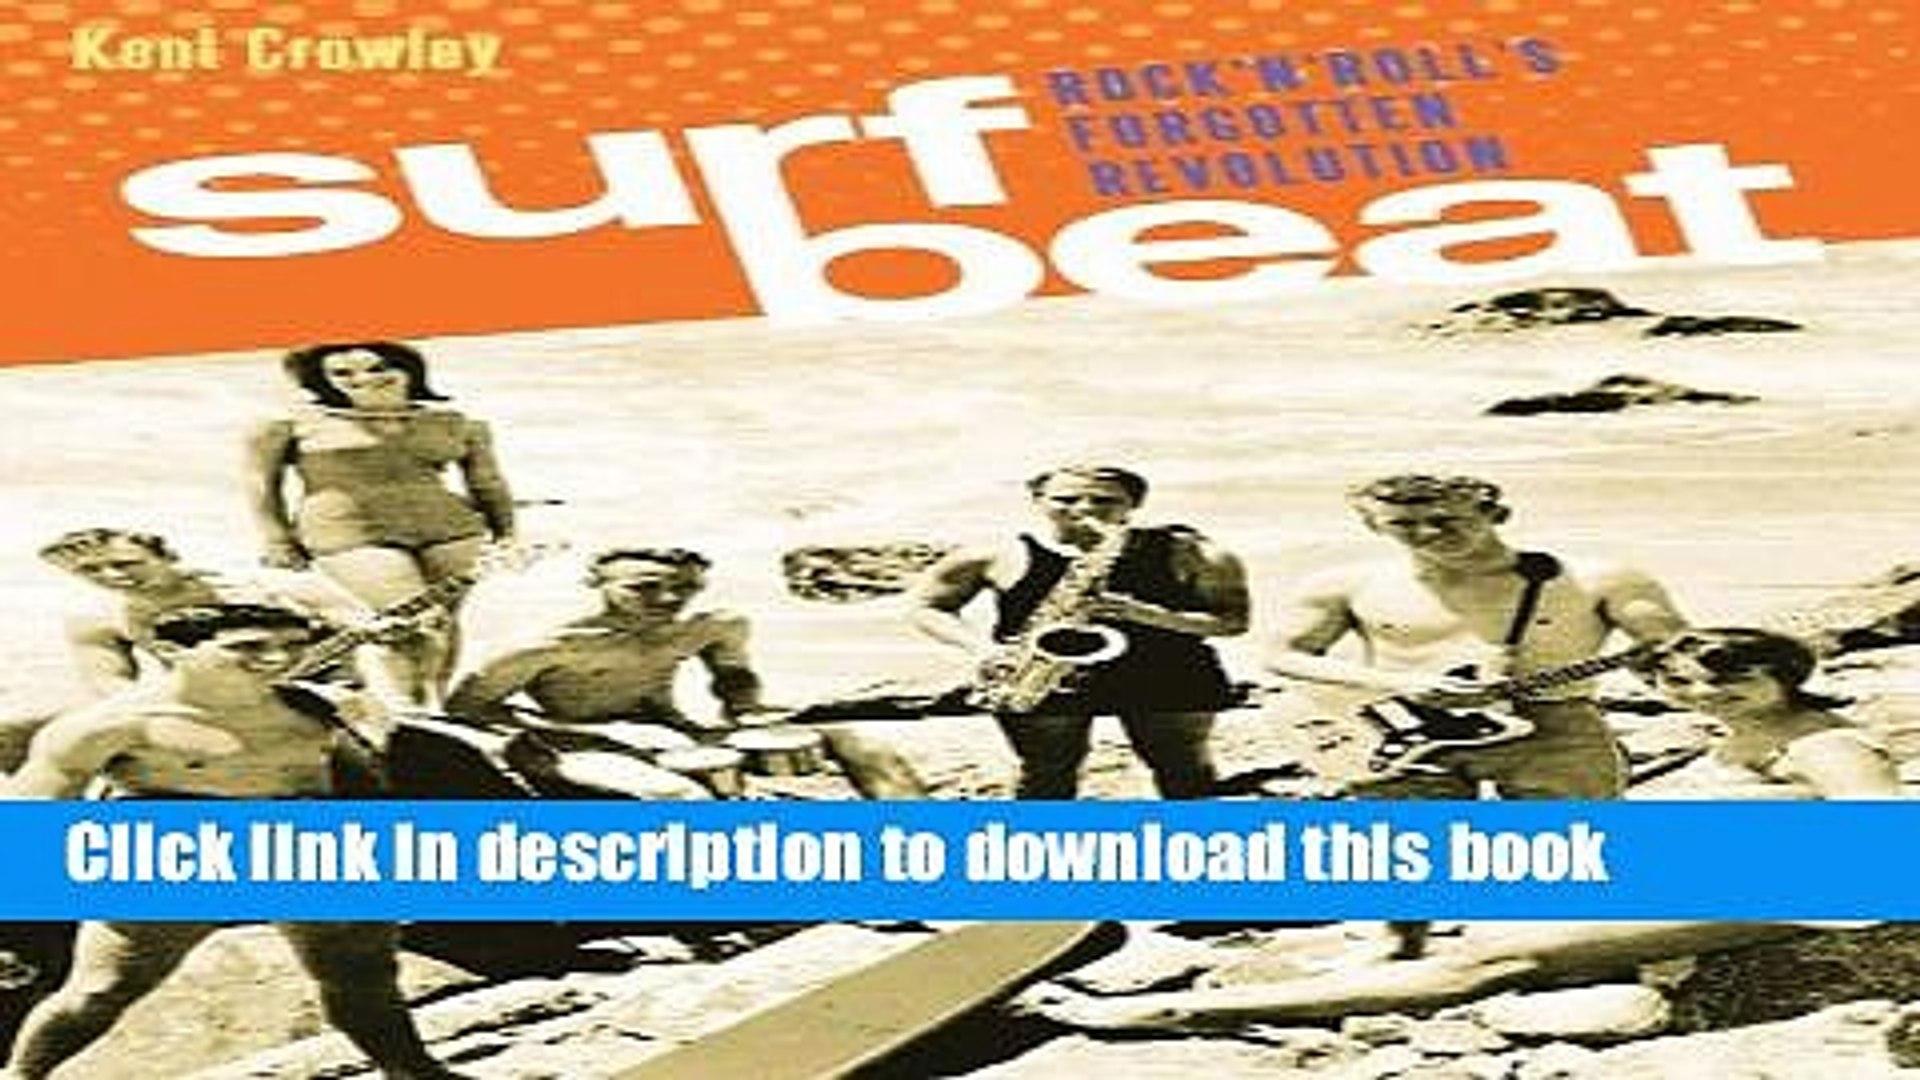 Download oesman 77 mp3 mp4 3gp flv | download lagu mp3 gratis.